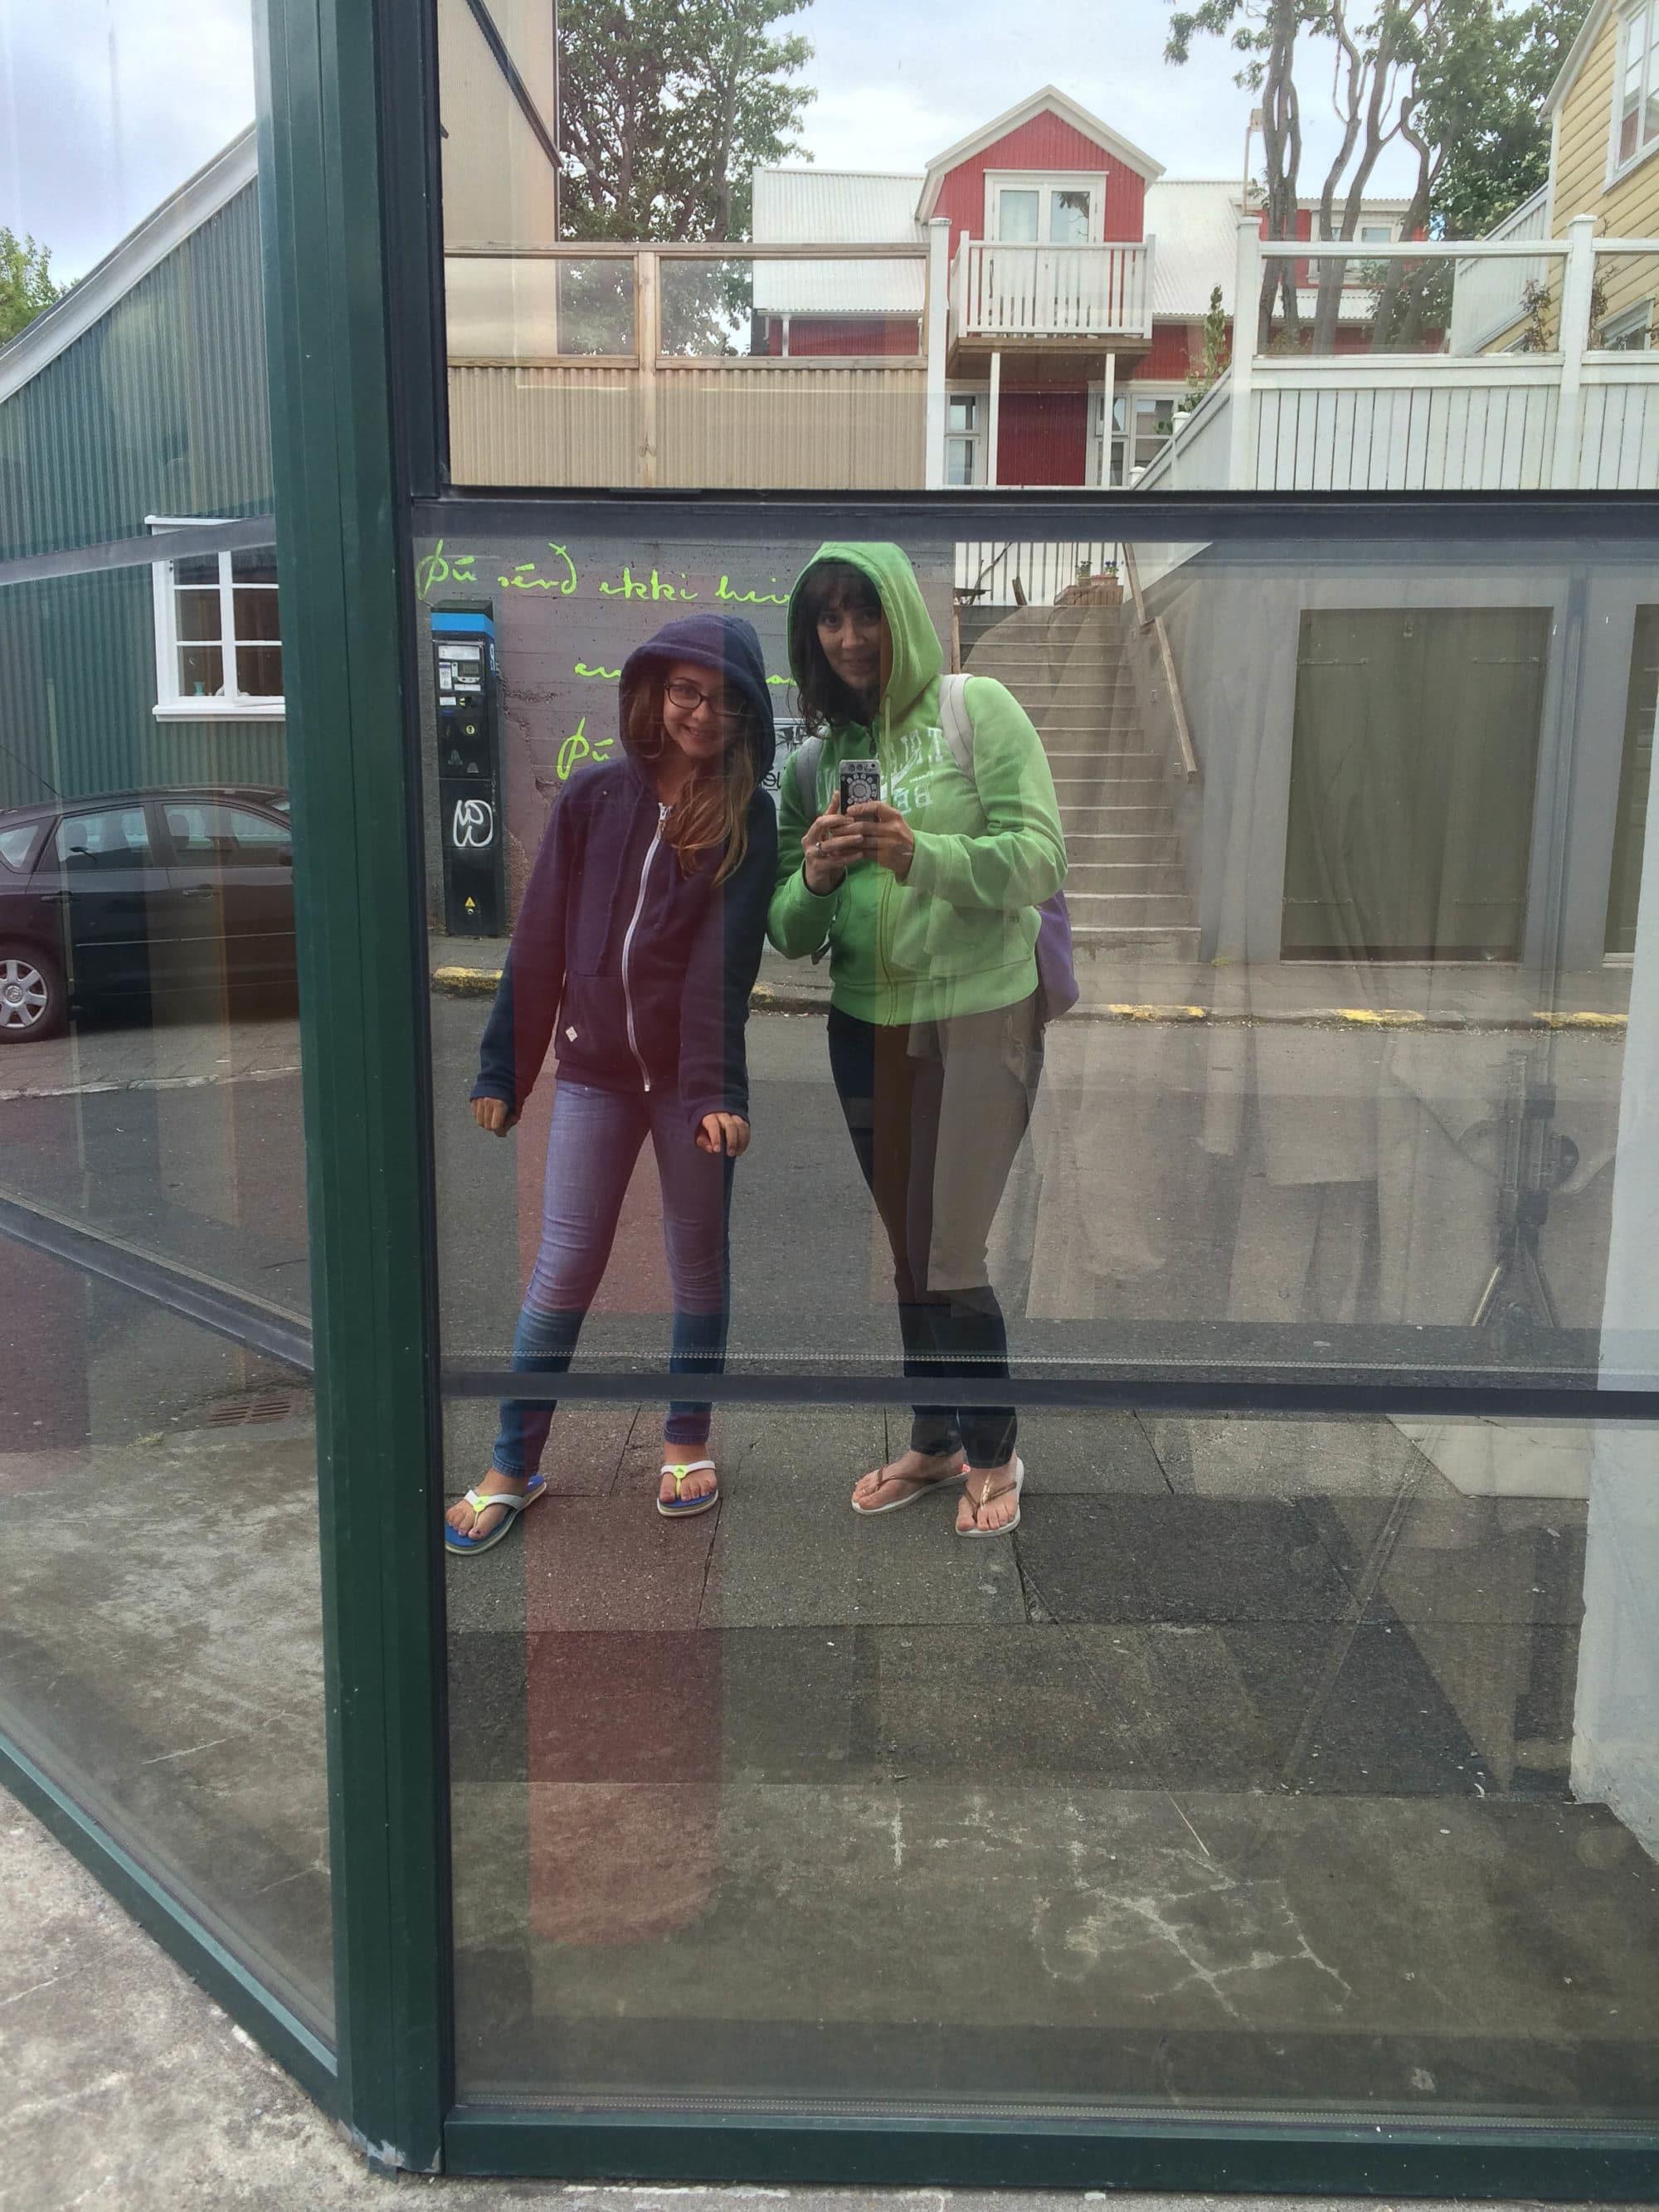 Reykjavik Iceland Reflection | Umami Girl